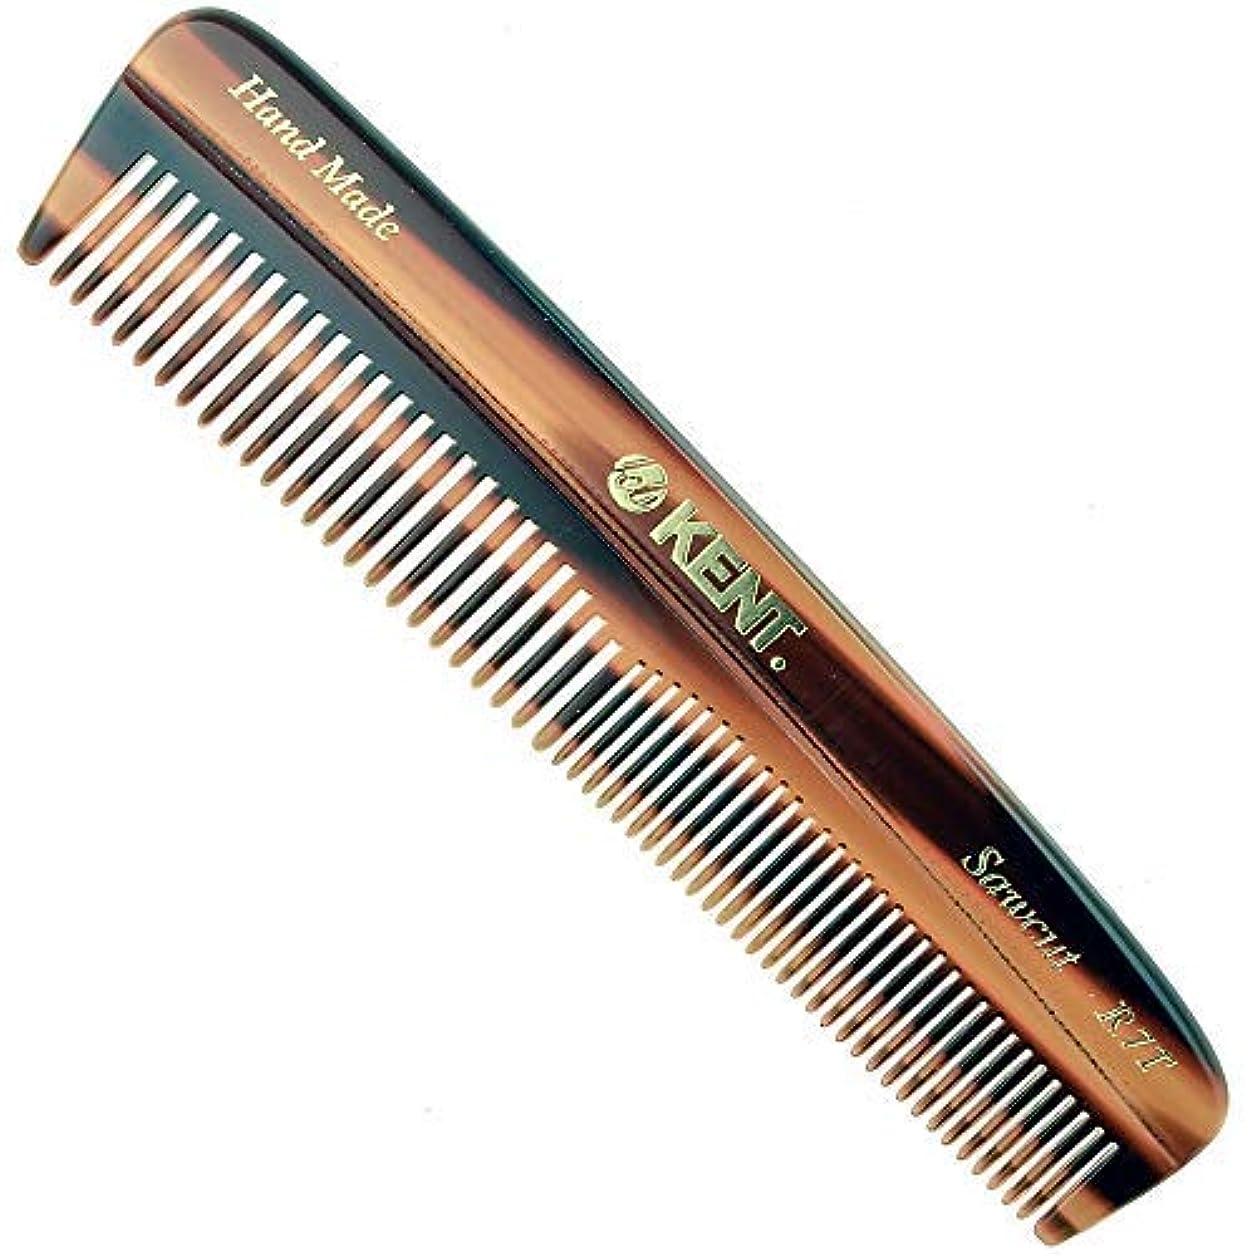 独占海洋飛躍Kent R7T - Men's/Women's Coarse and Fine Toothed Small Travel Pocket Comb 130mm/5.63